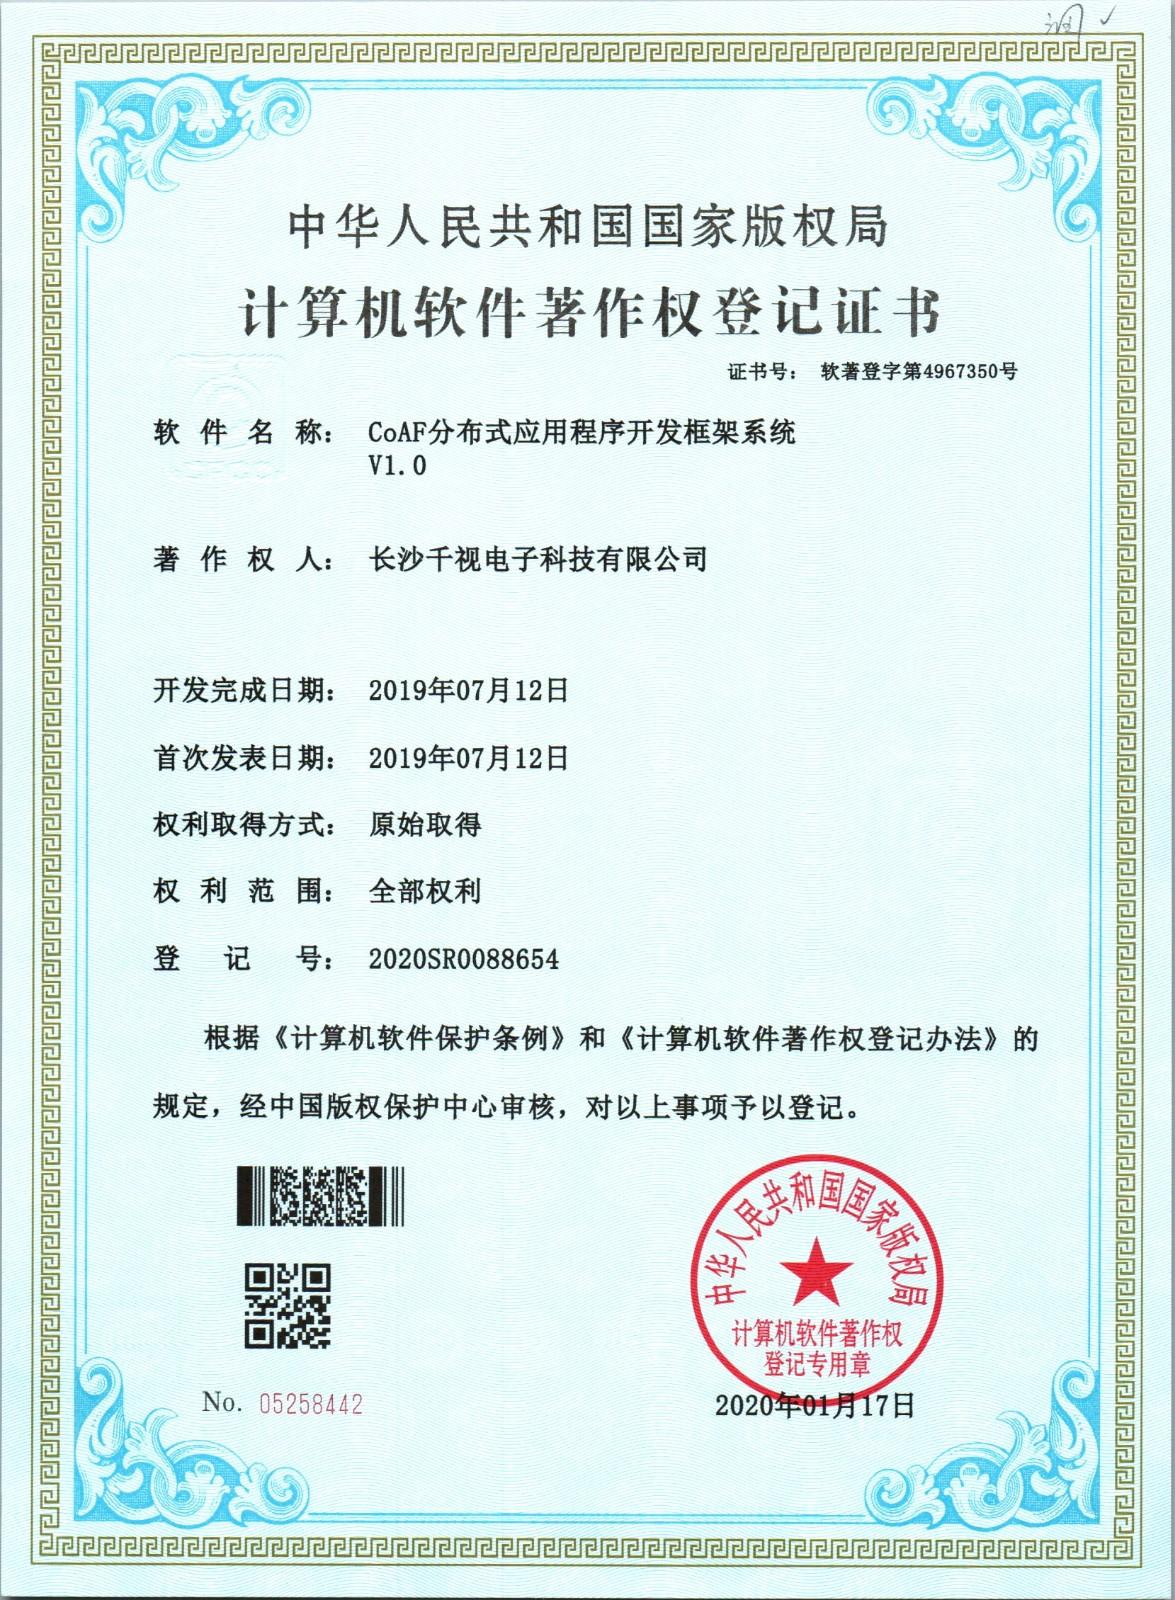 CoAF开发证书